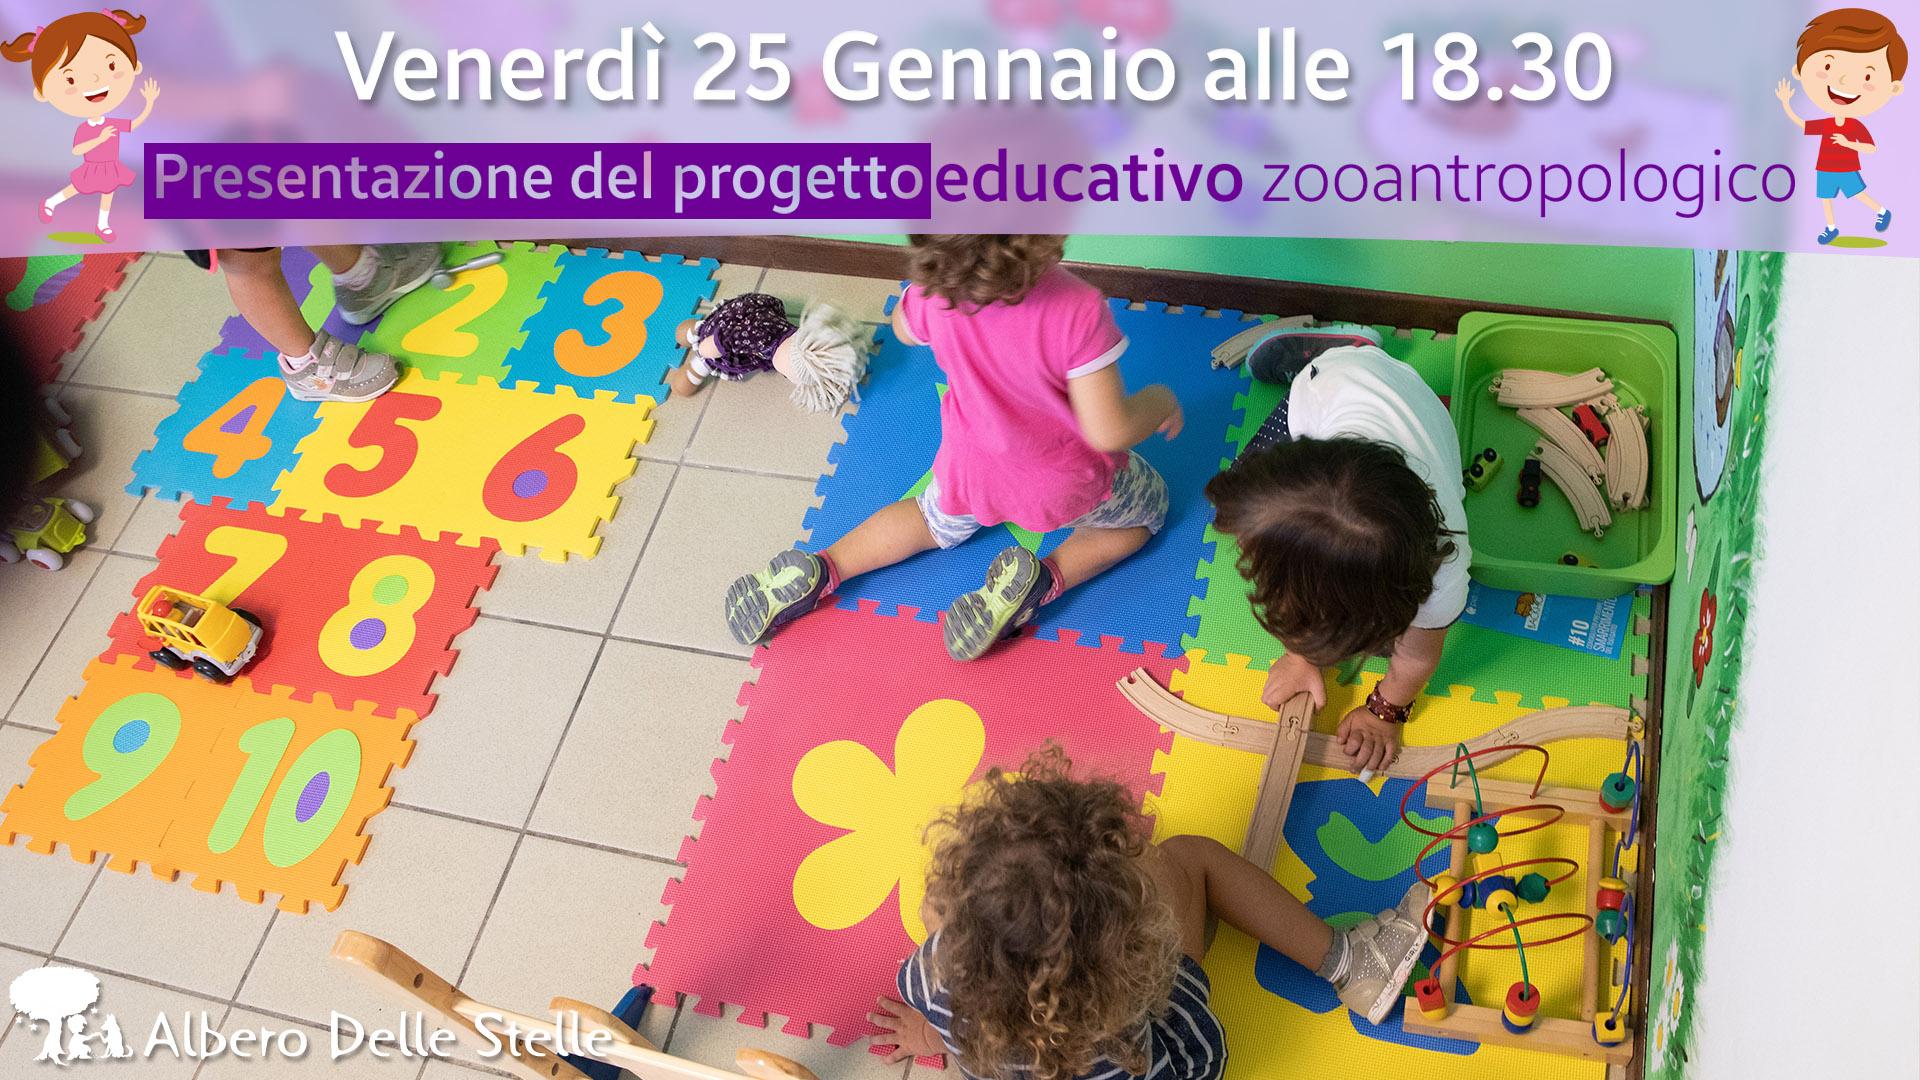 Presentazione progetto educativo zooantropologico